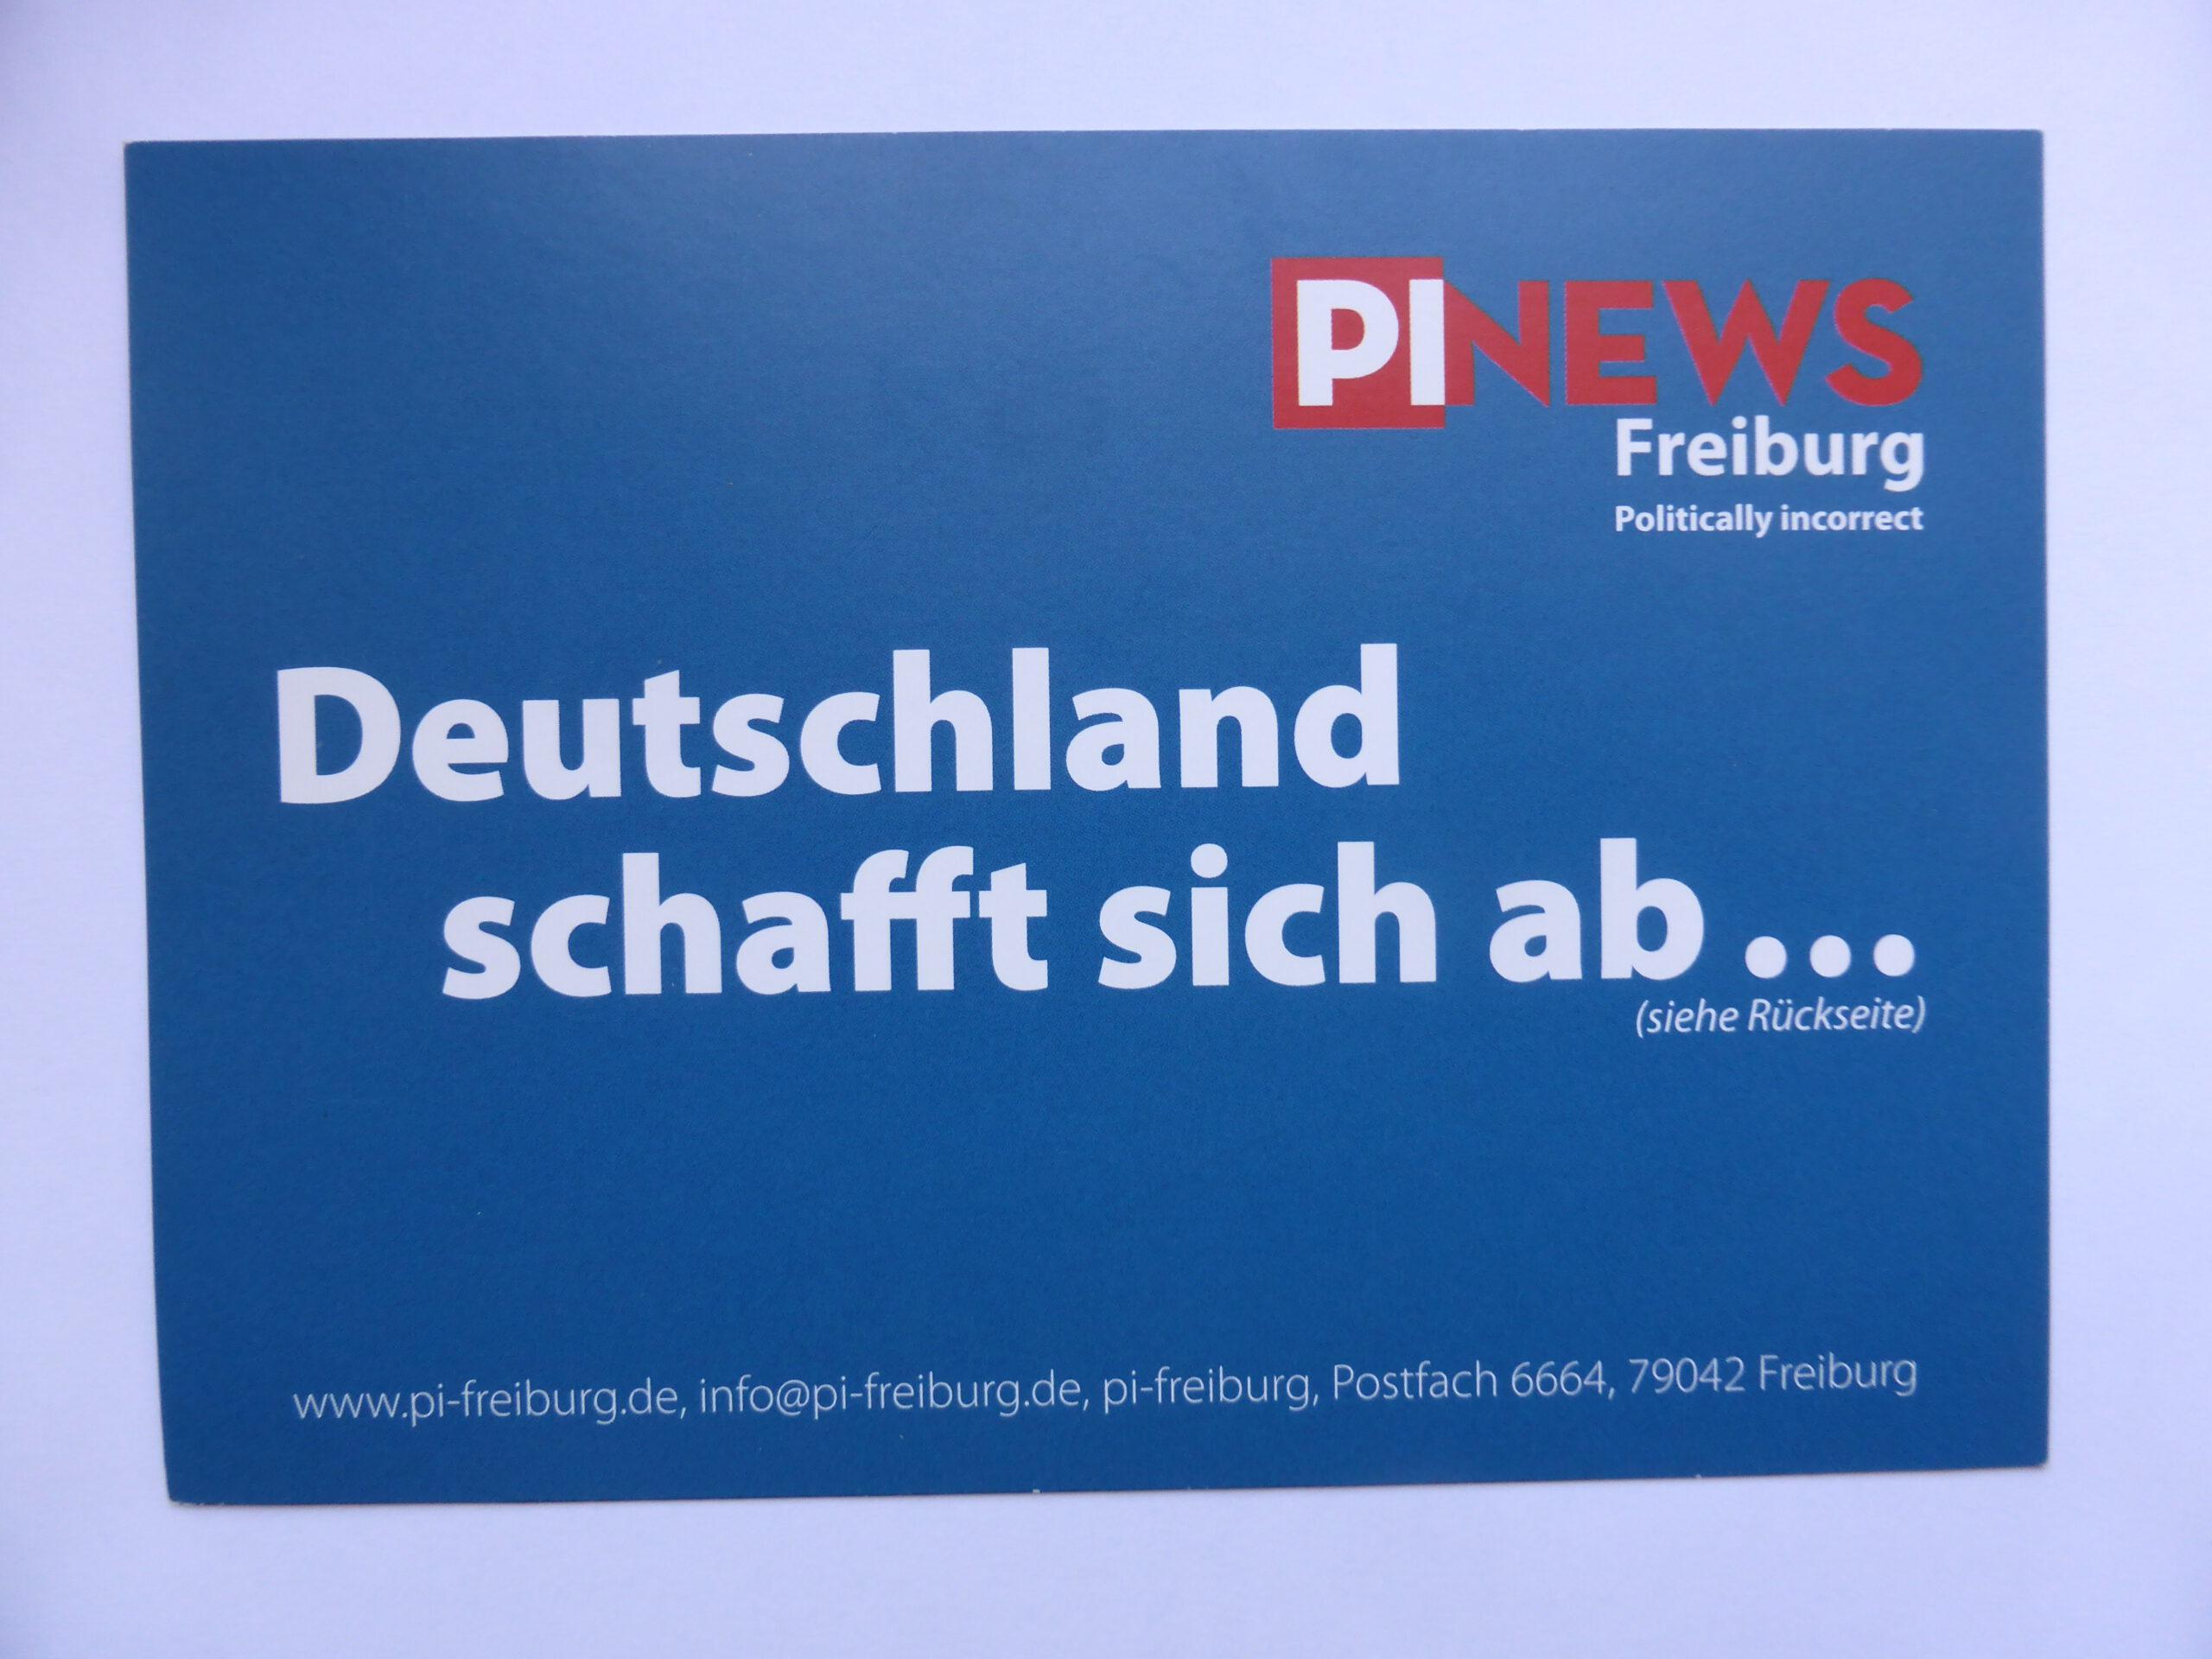 Freiburger Grünen Fraktion im Freiburger Gemeinderat will Asylbewerber aus Freiburg aufnehmen